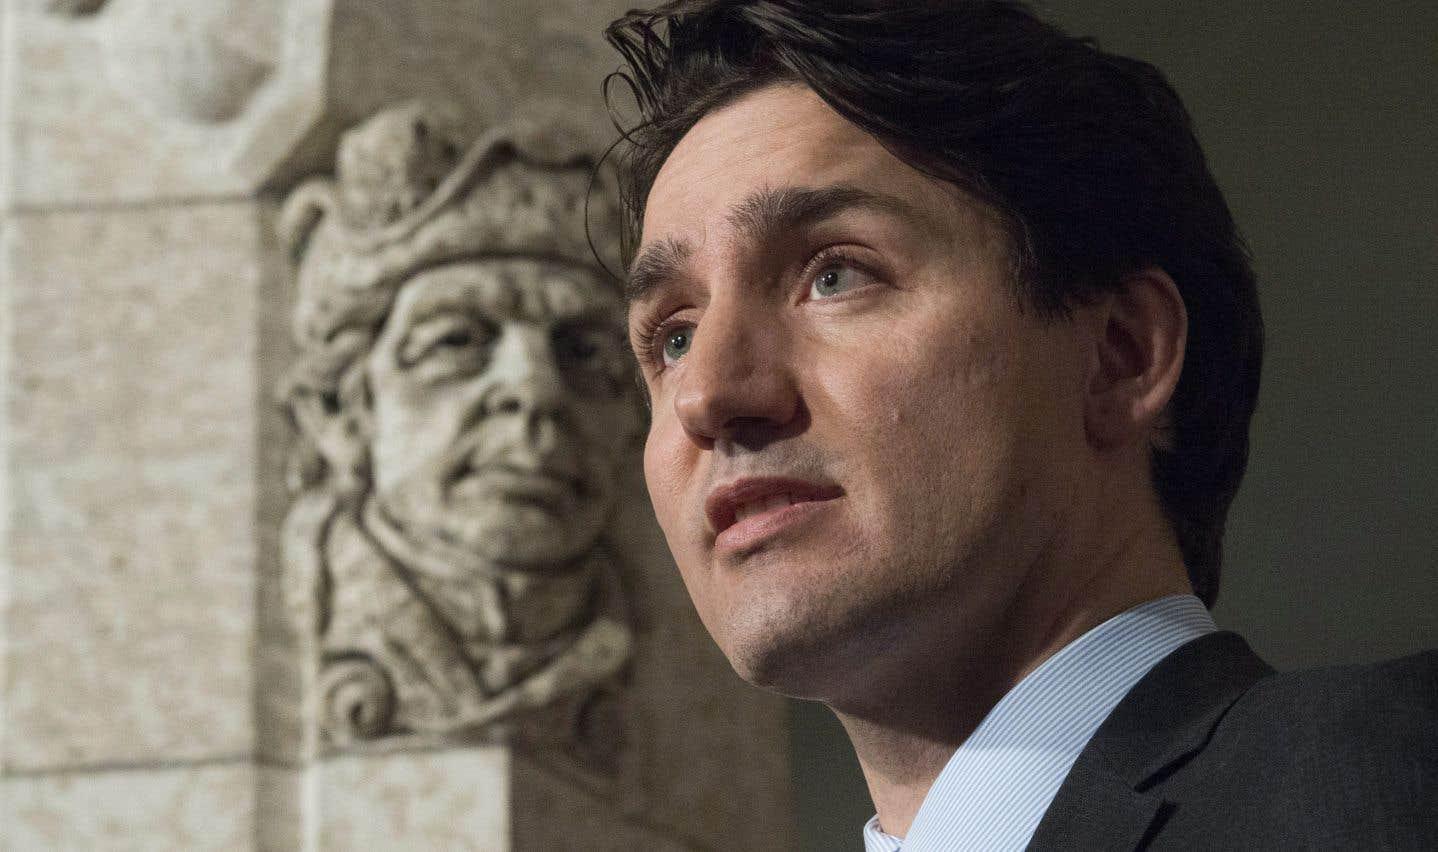 Il n'est pas question d'empêcher la construction du pipeline Trans Mountain, a ajouté le premier ministre Trudeau.